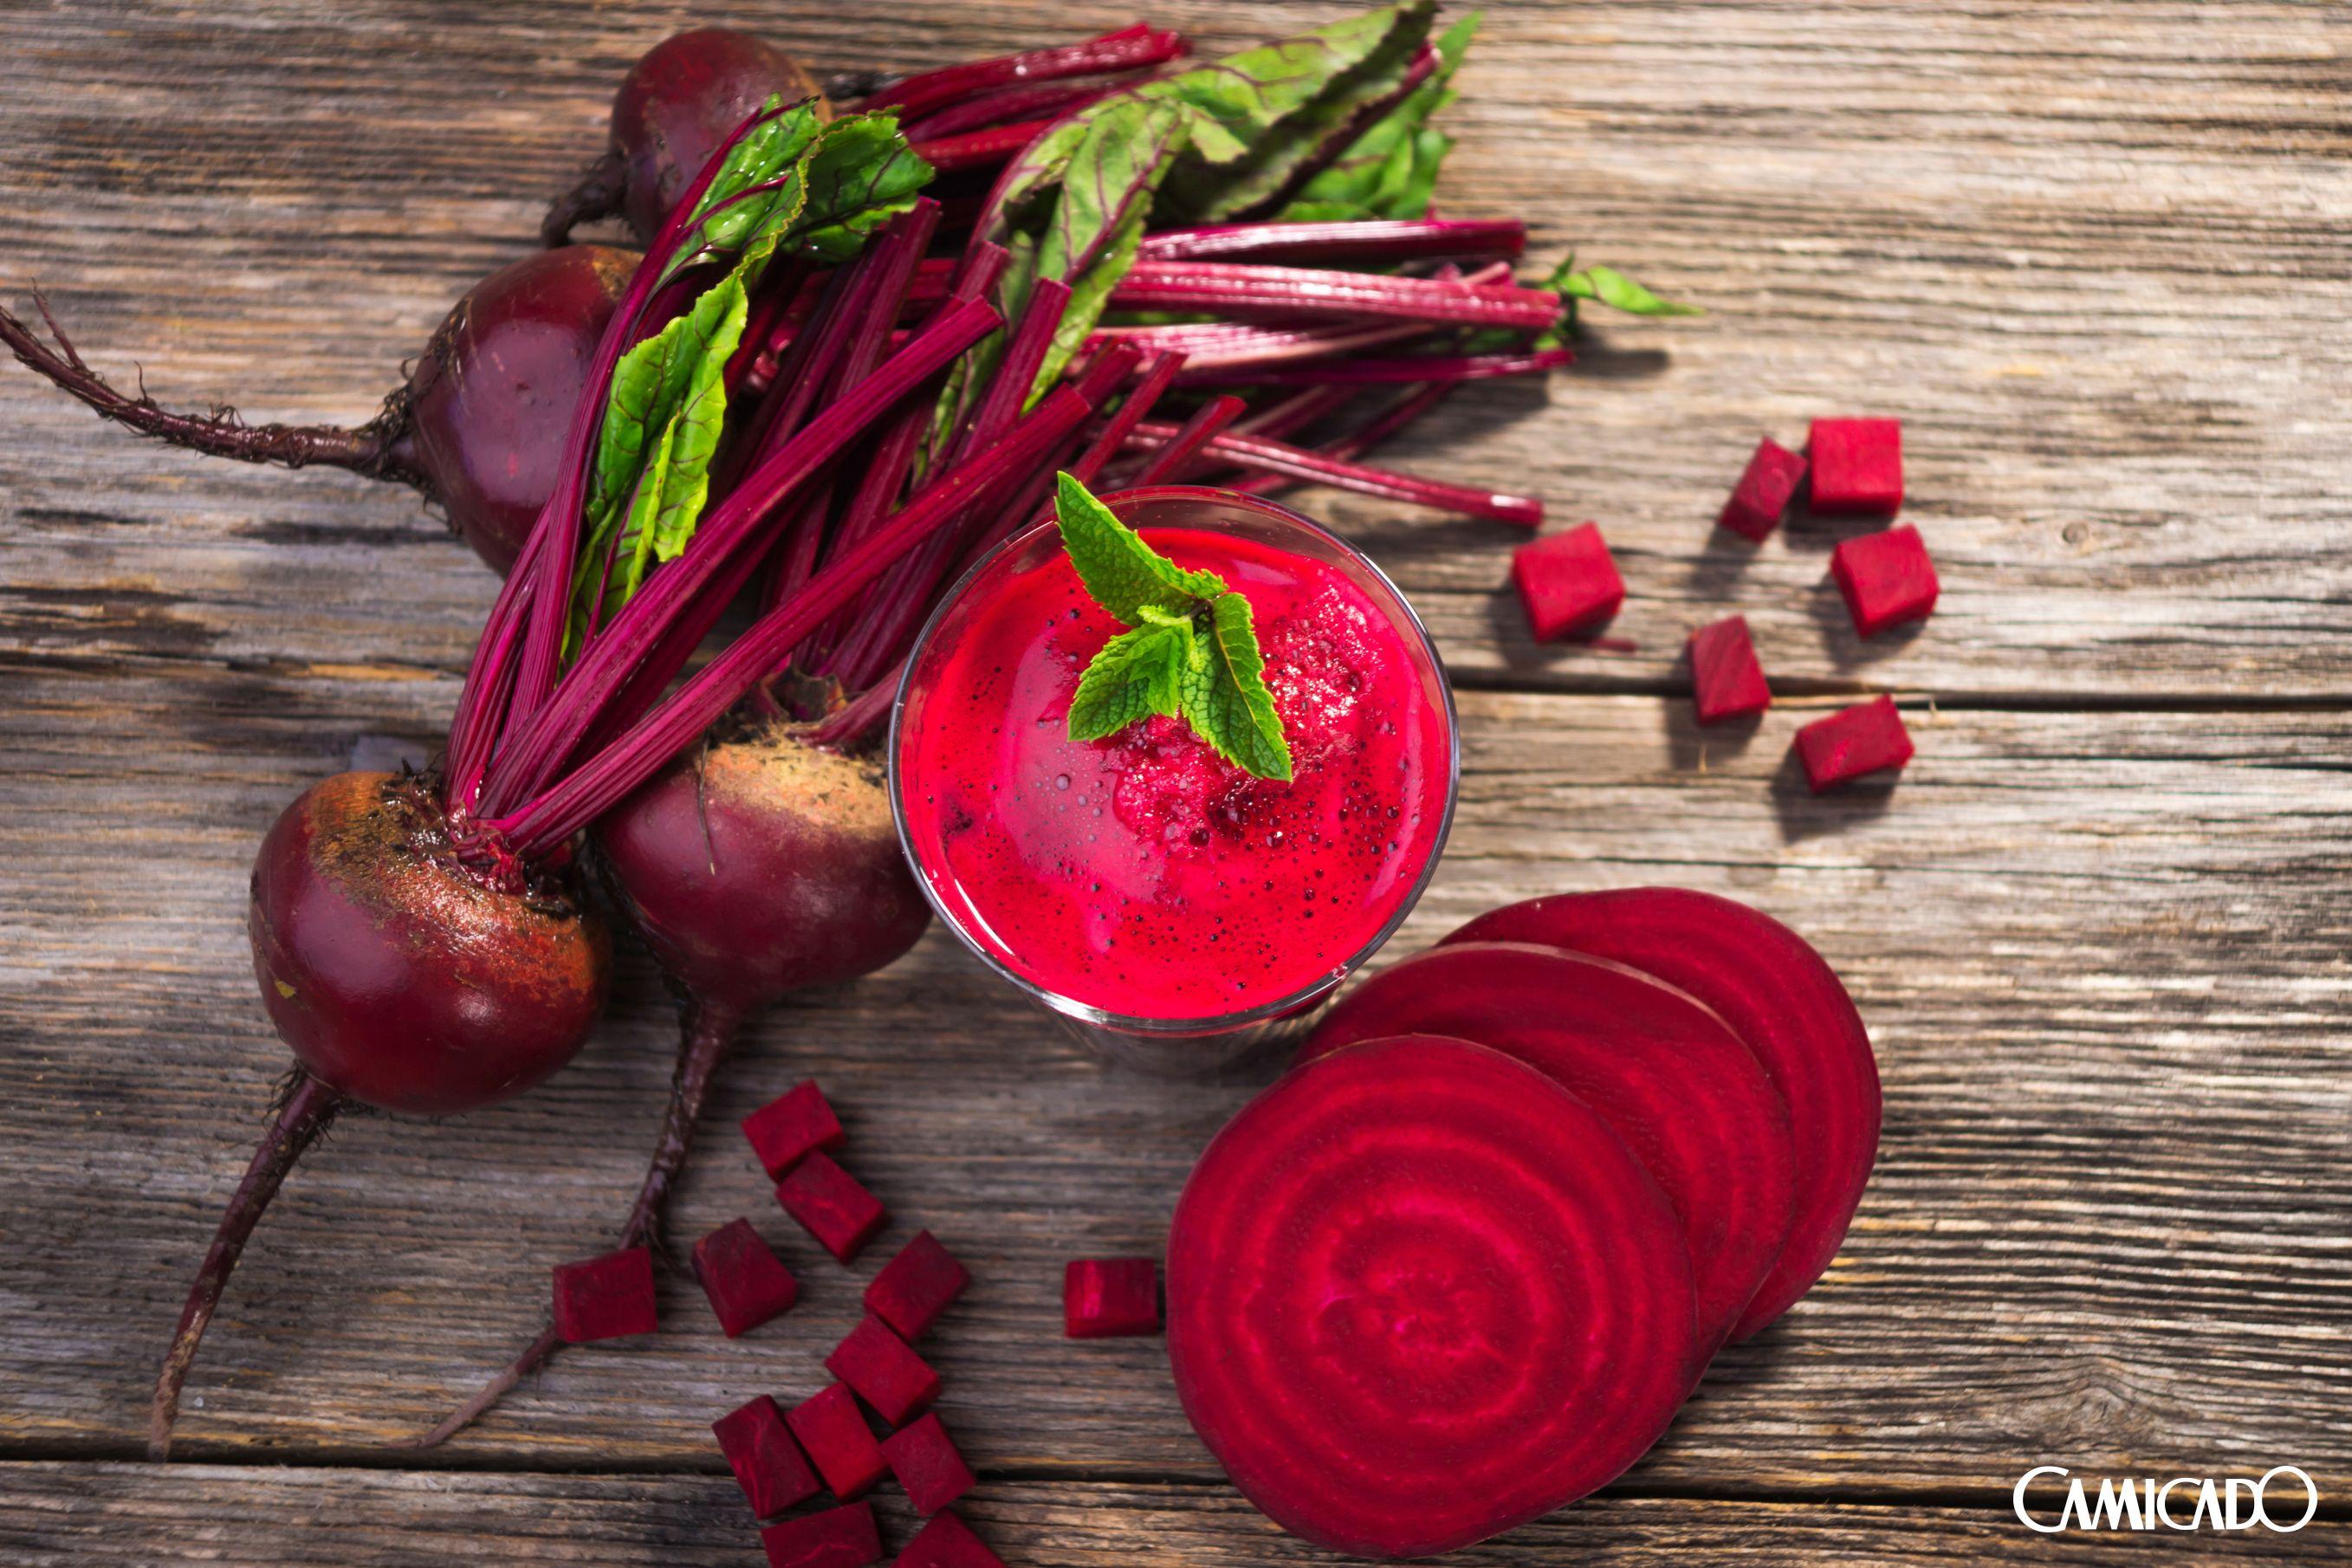 Beterraba E Rica Em Varios Nutrientes Perfeita Para Hidratar Nos